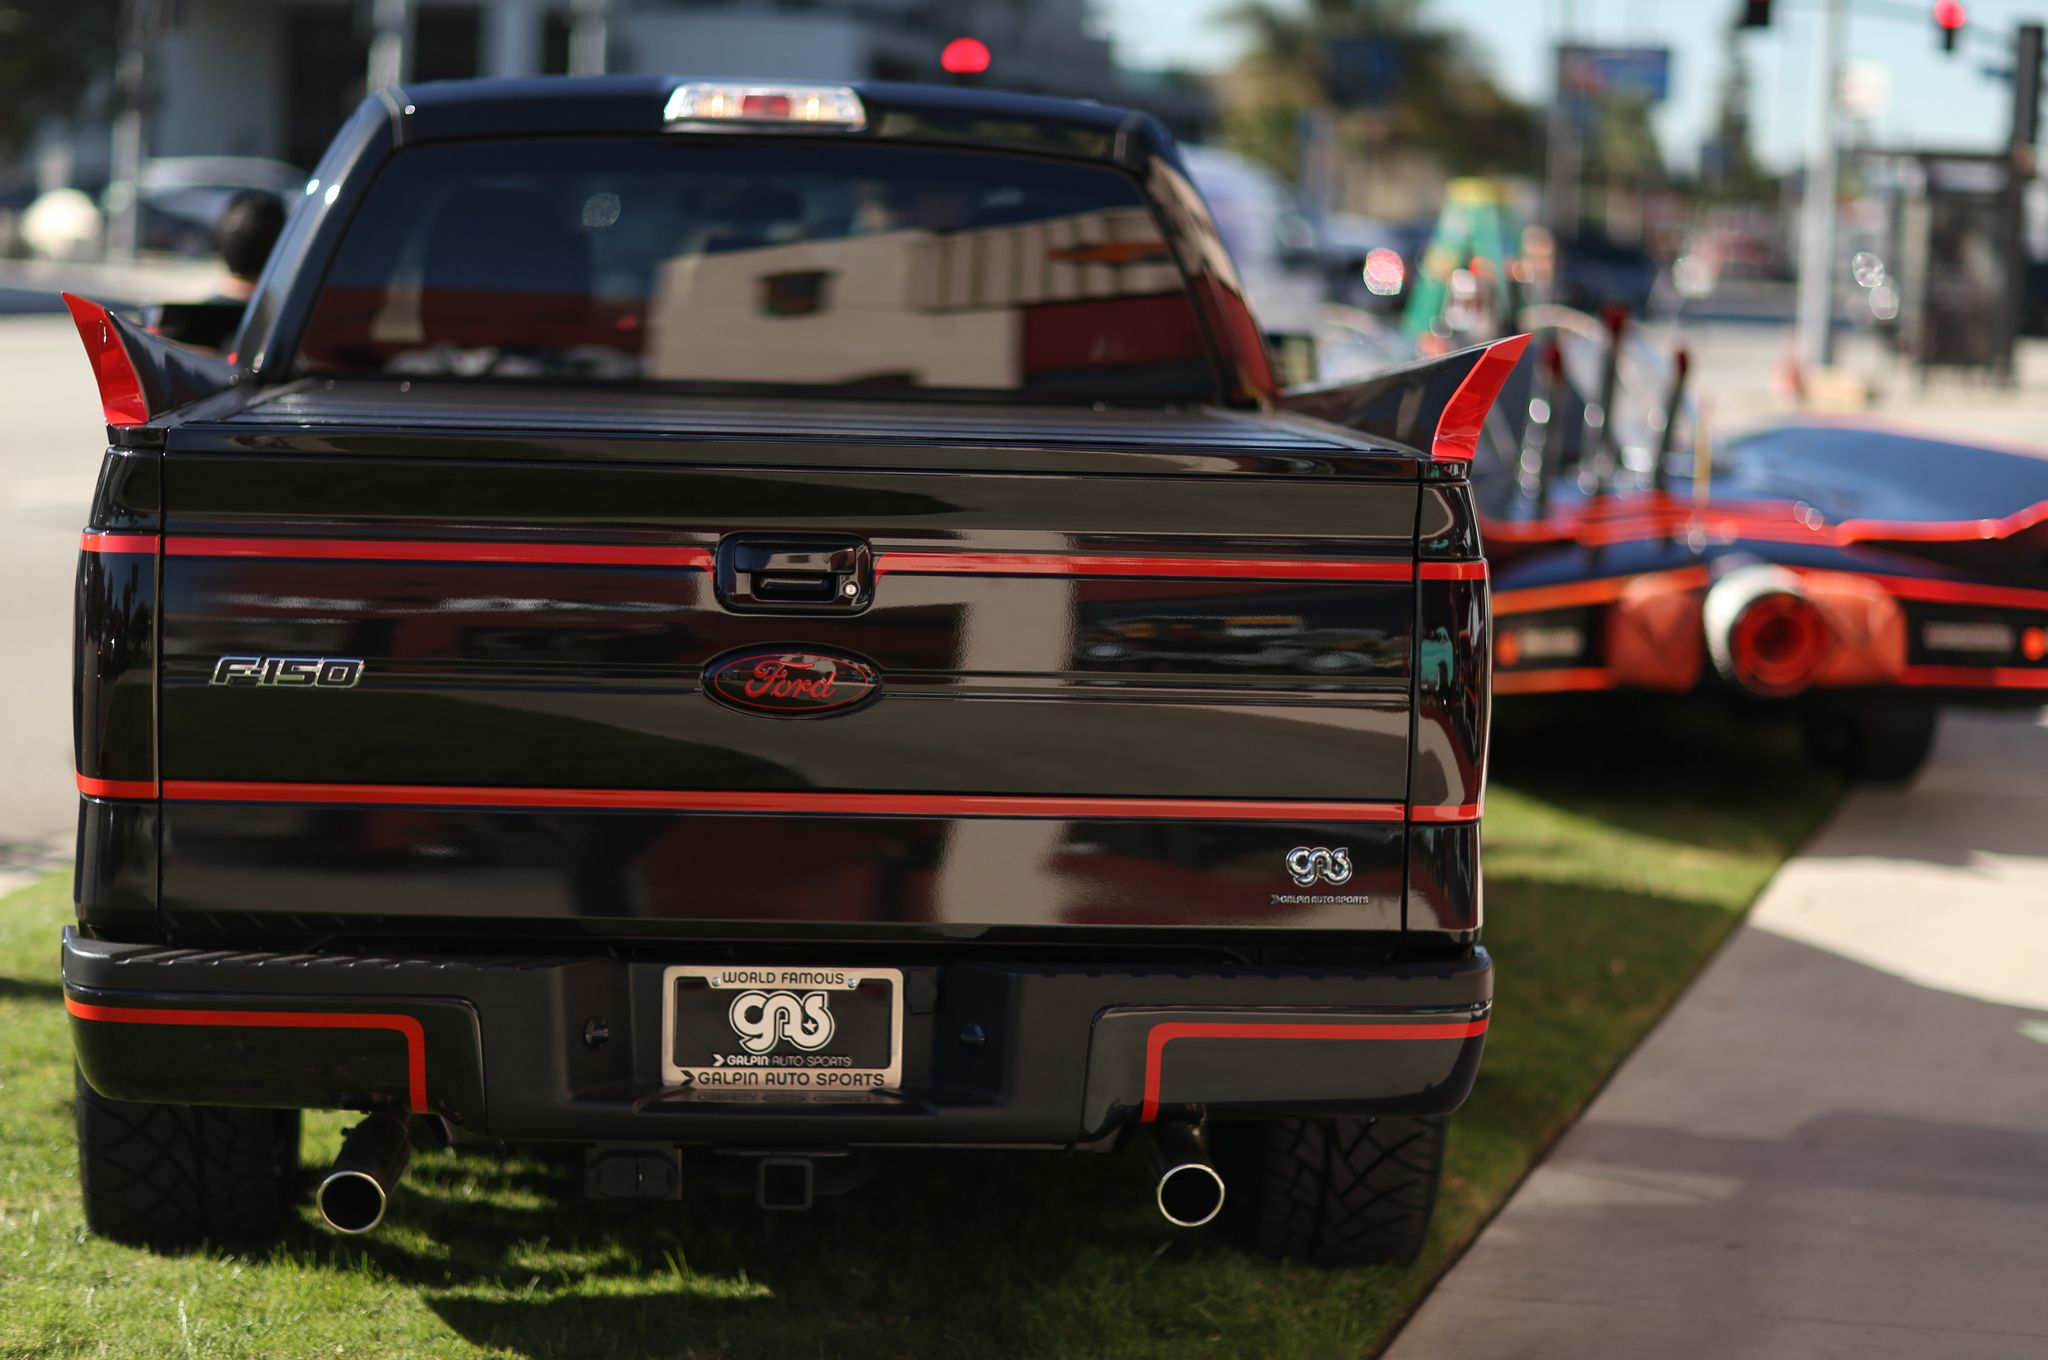 Ford F Truck Ford F Trucks Pinterest Ford Ford - F 150 2014 avec sticker